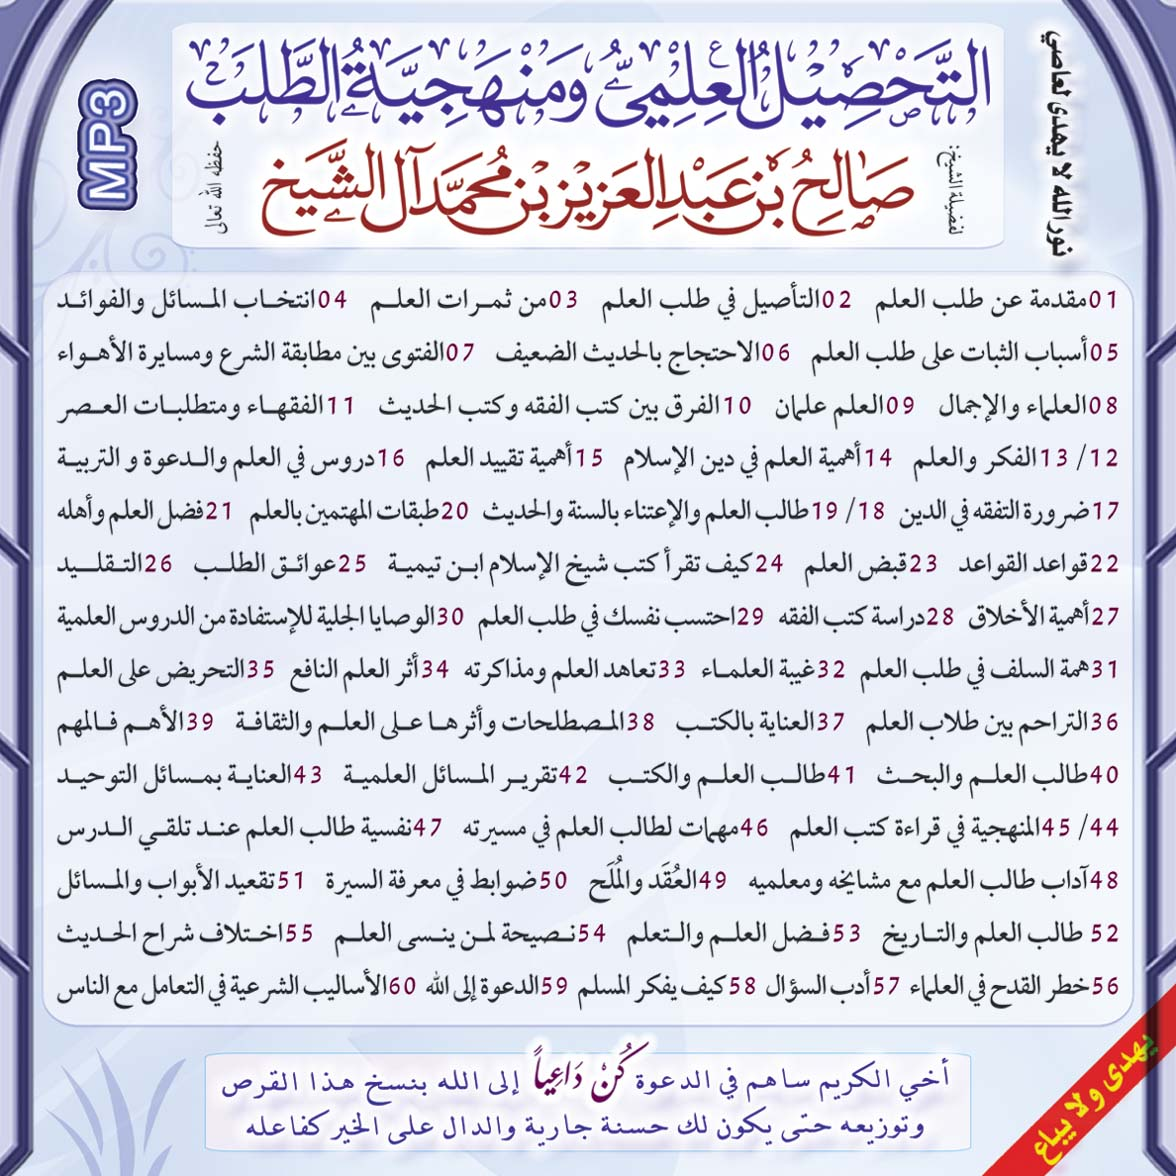 (قرص) التحصيل العلمي ومنهجية الطلب – الشيخ صالح آل الشيخ